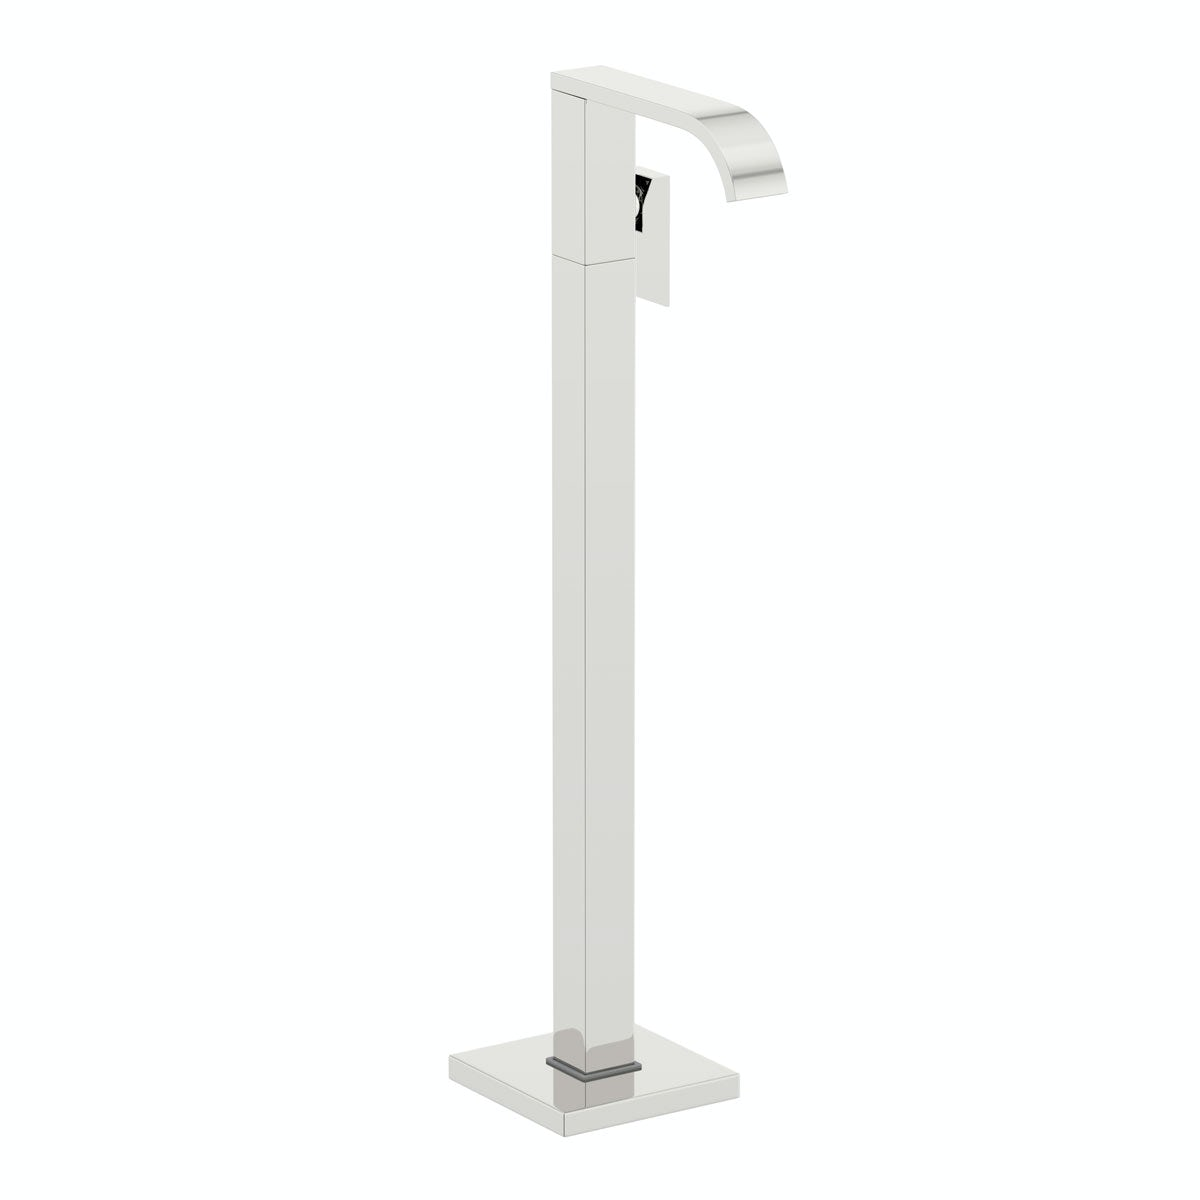 Mode Austin freestanding bath filler tap